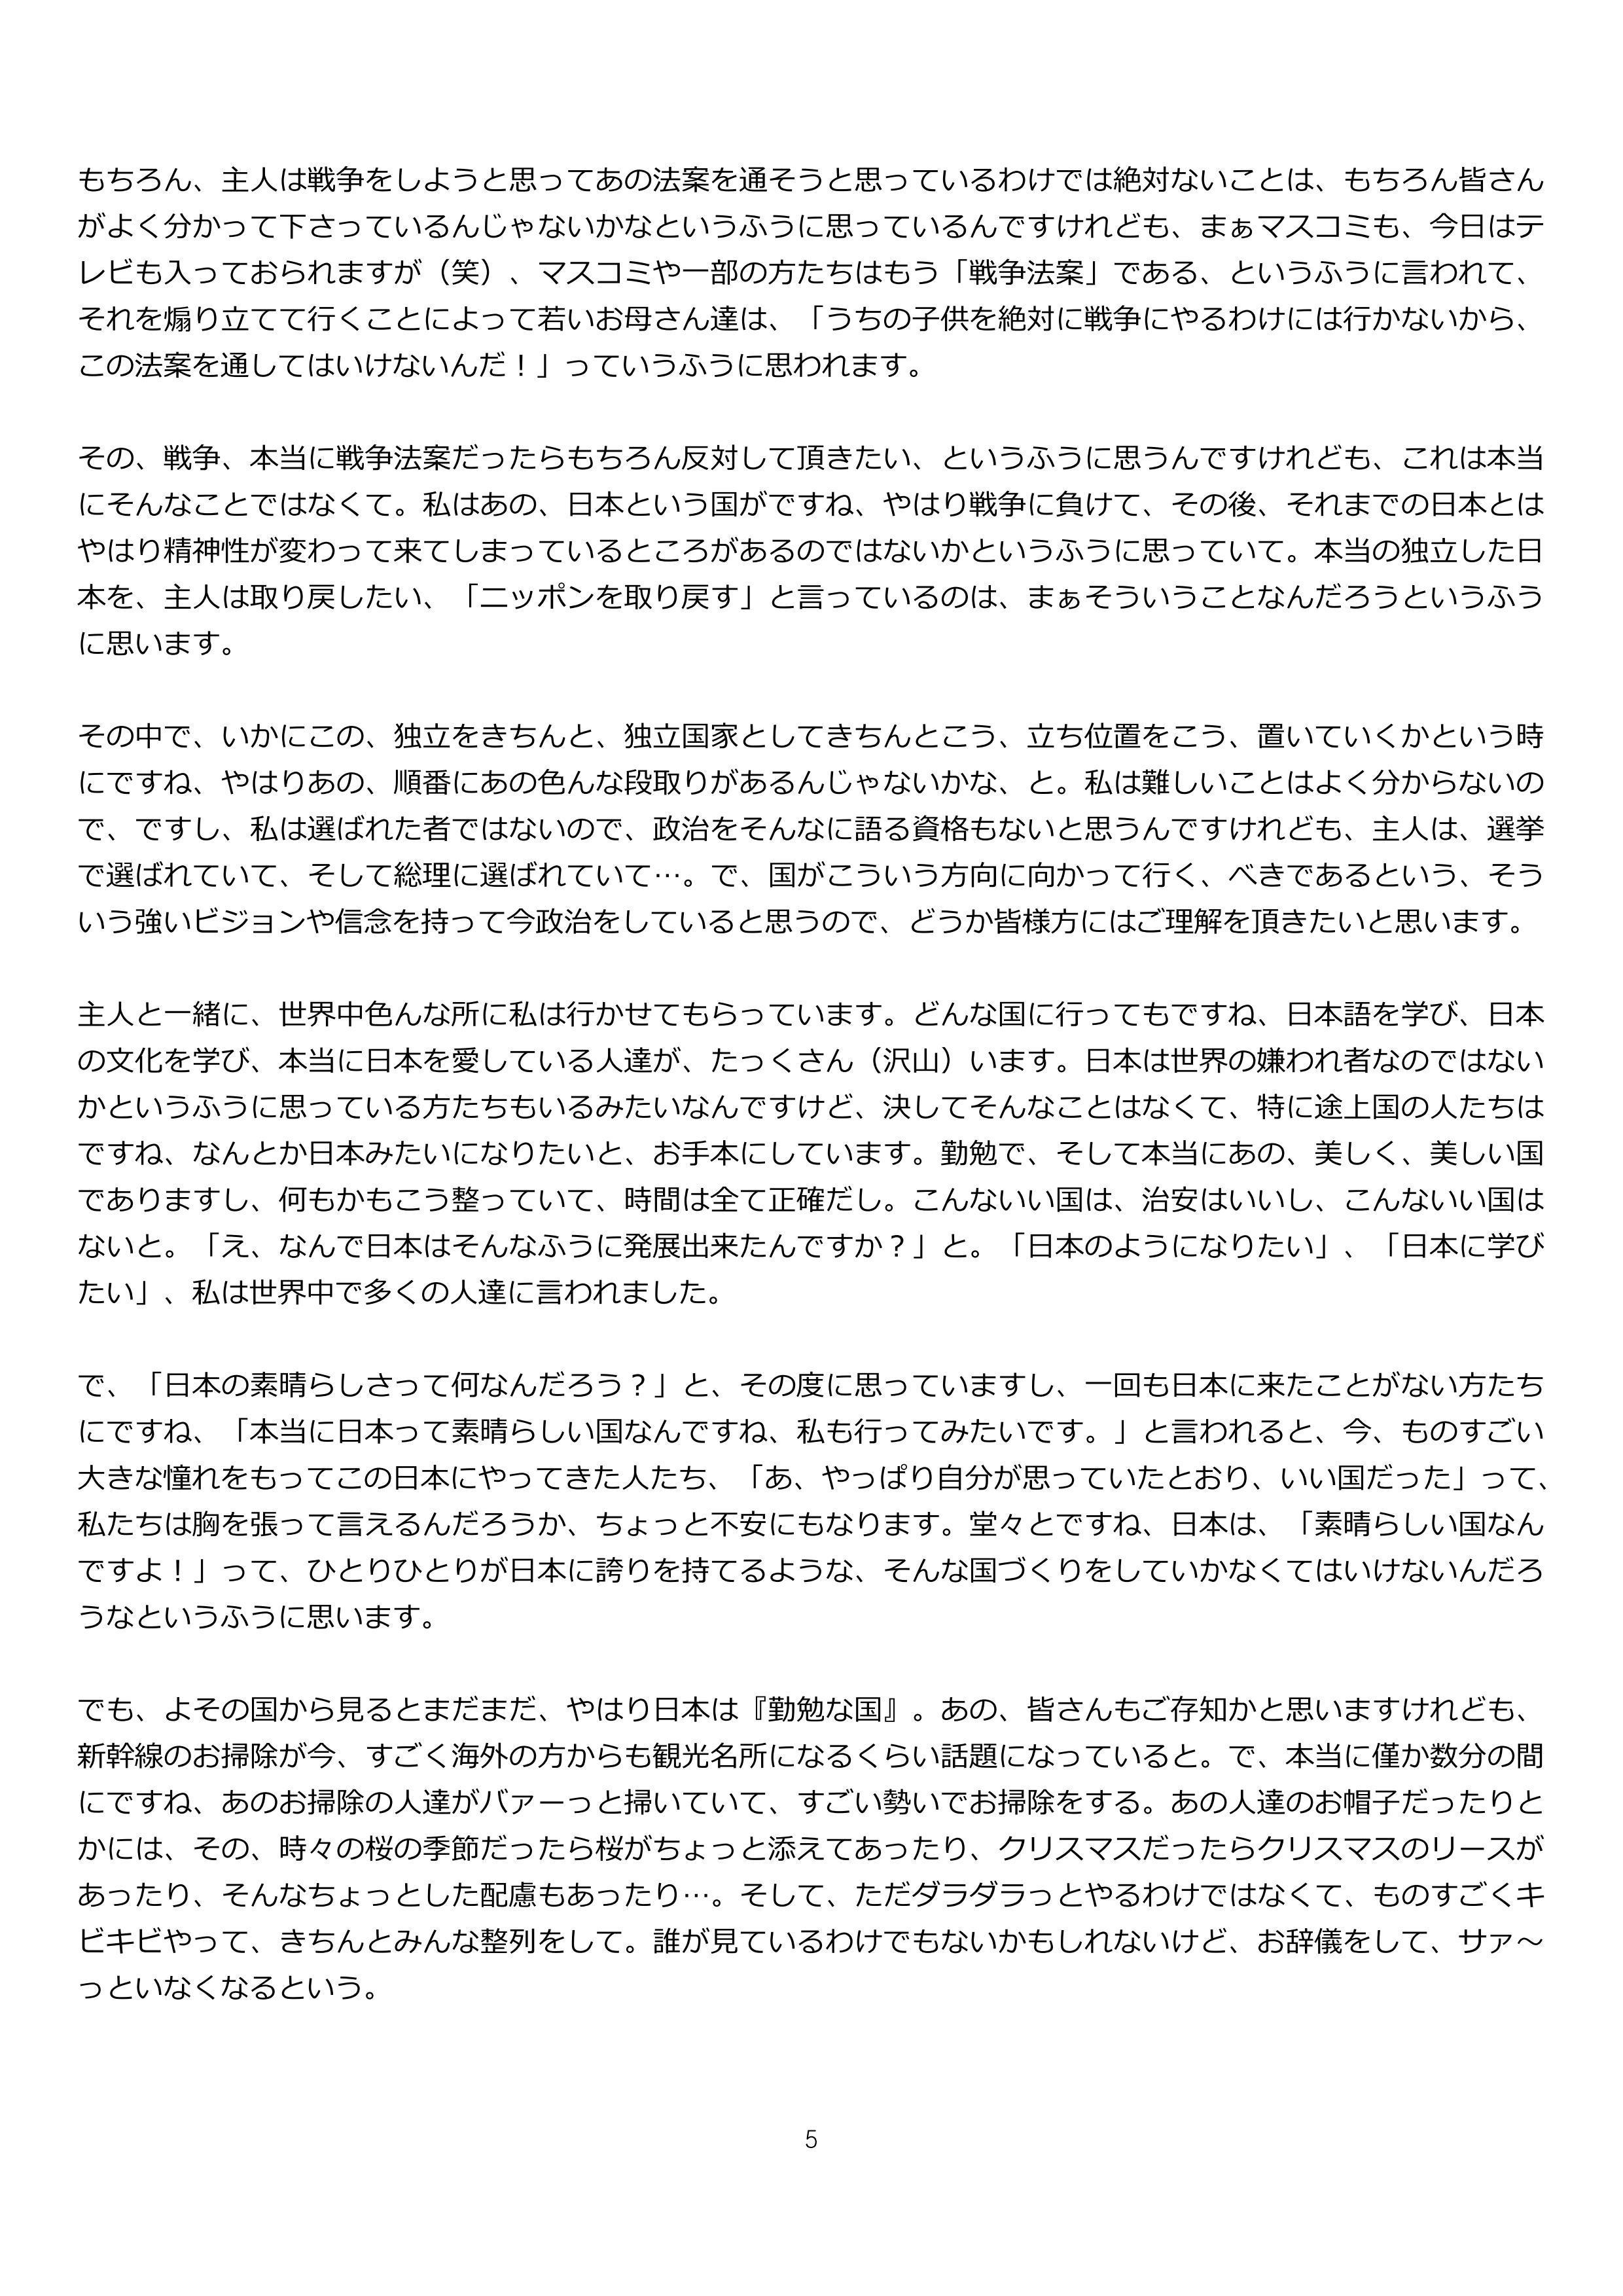 20150905_塚本幼稚園内講演会 (1) (1)_05